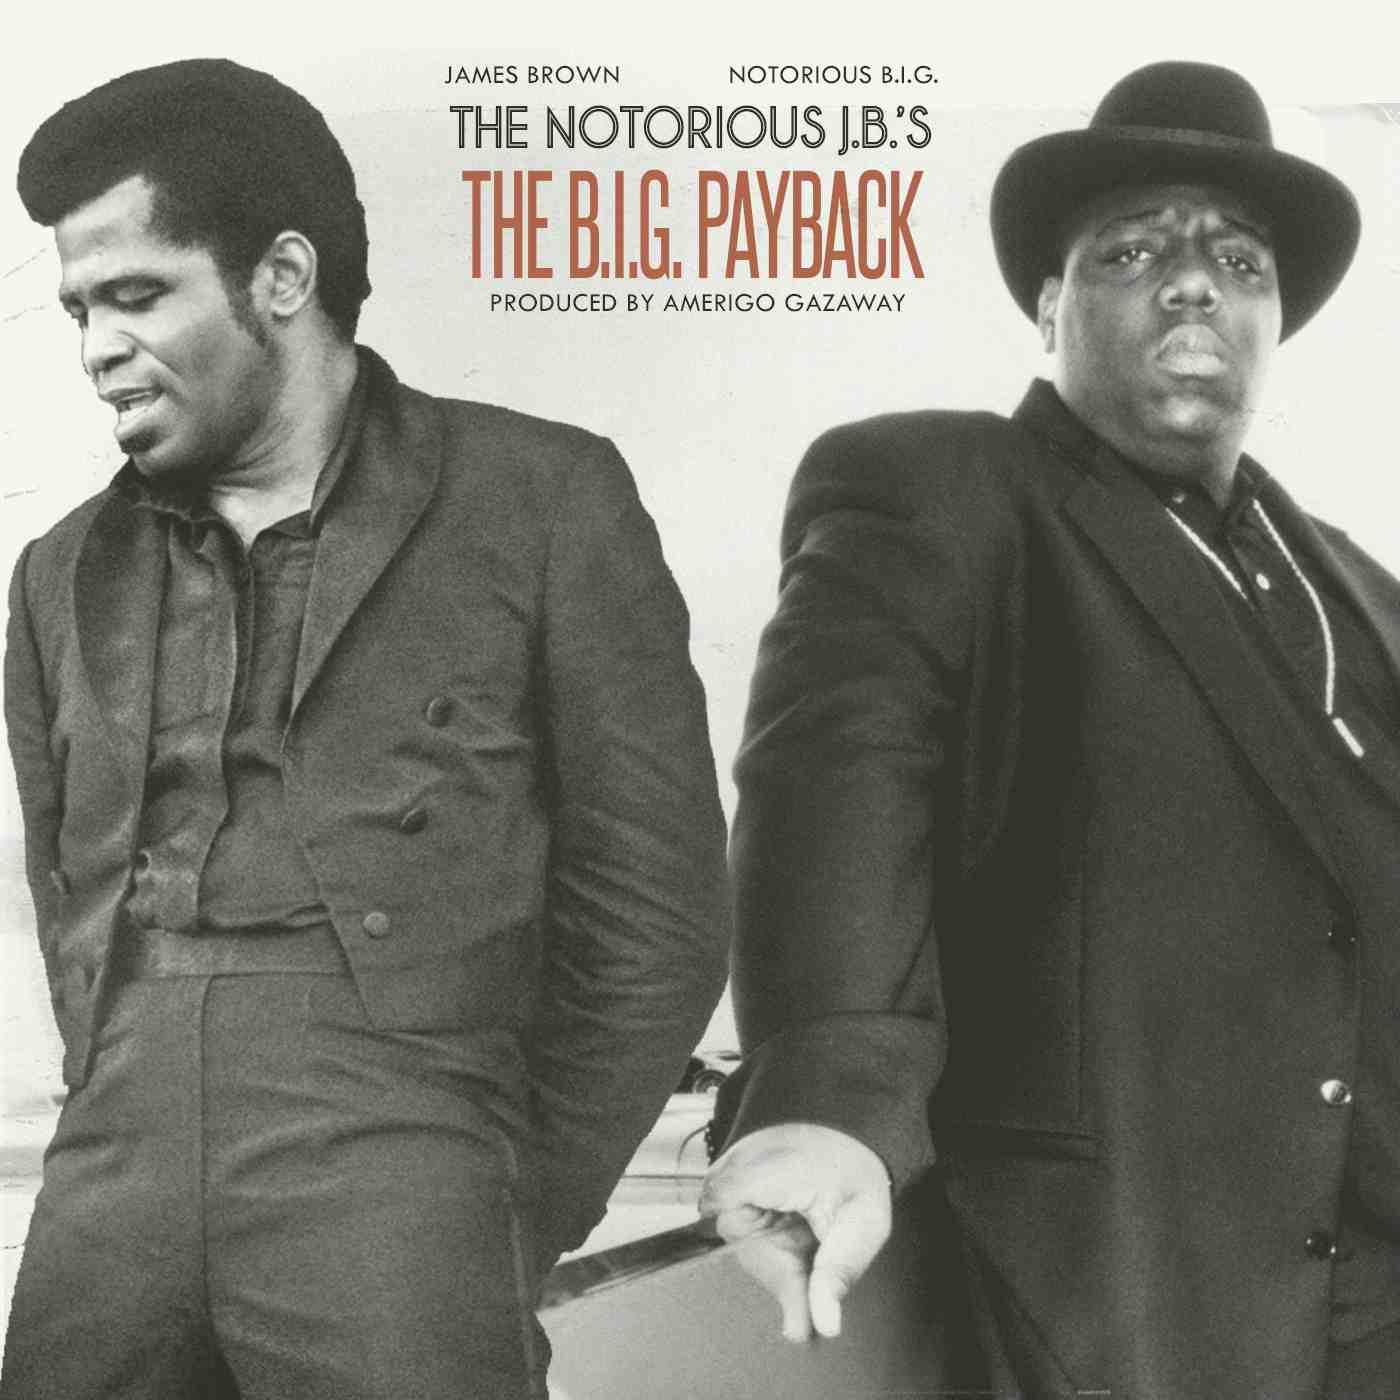 Biggie vs James Brown/B.I.G. PAYBACK LP